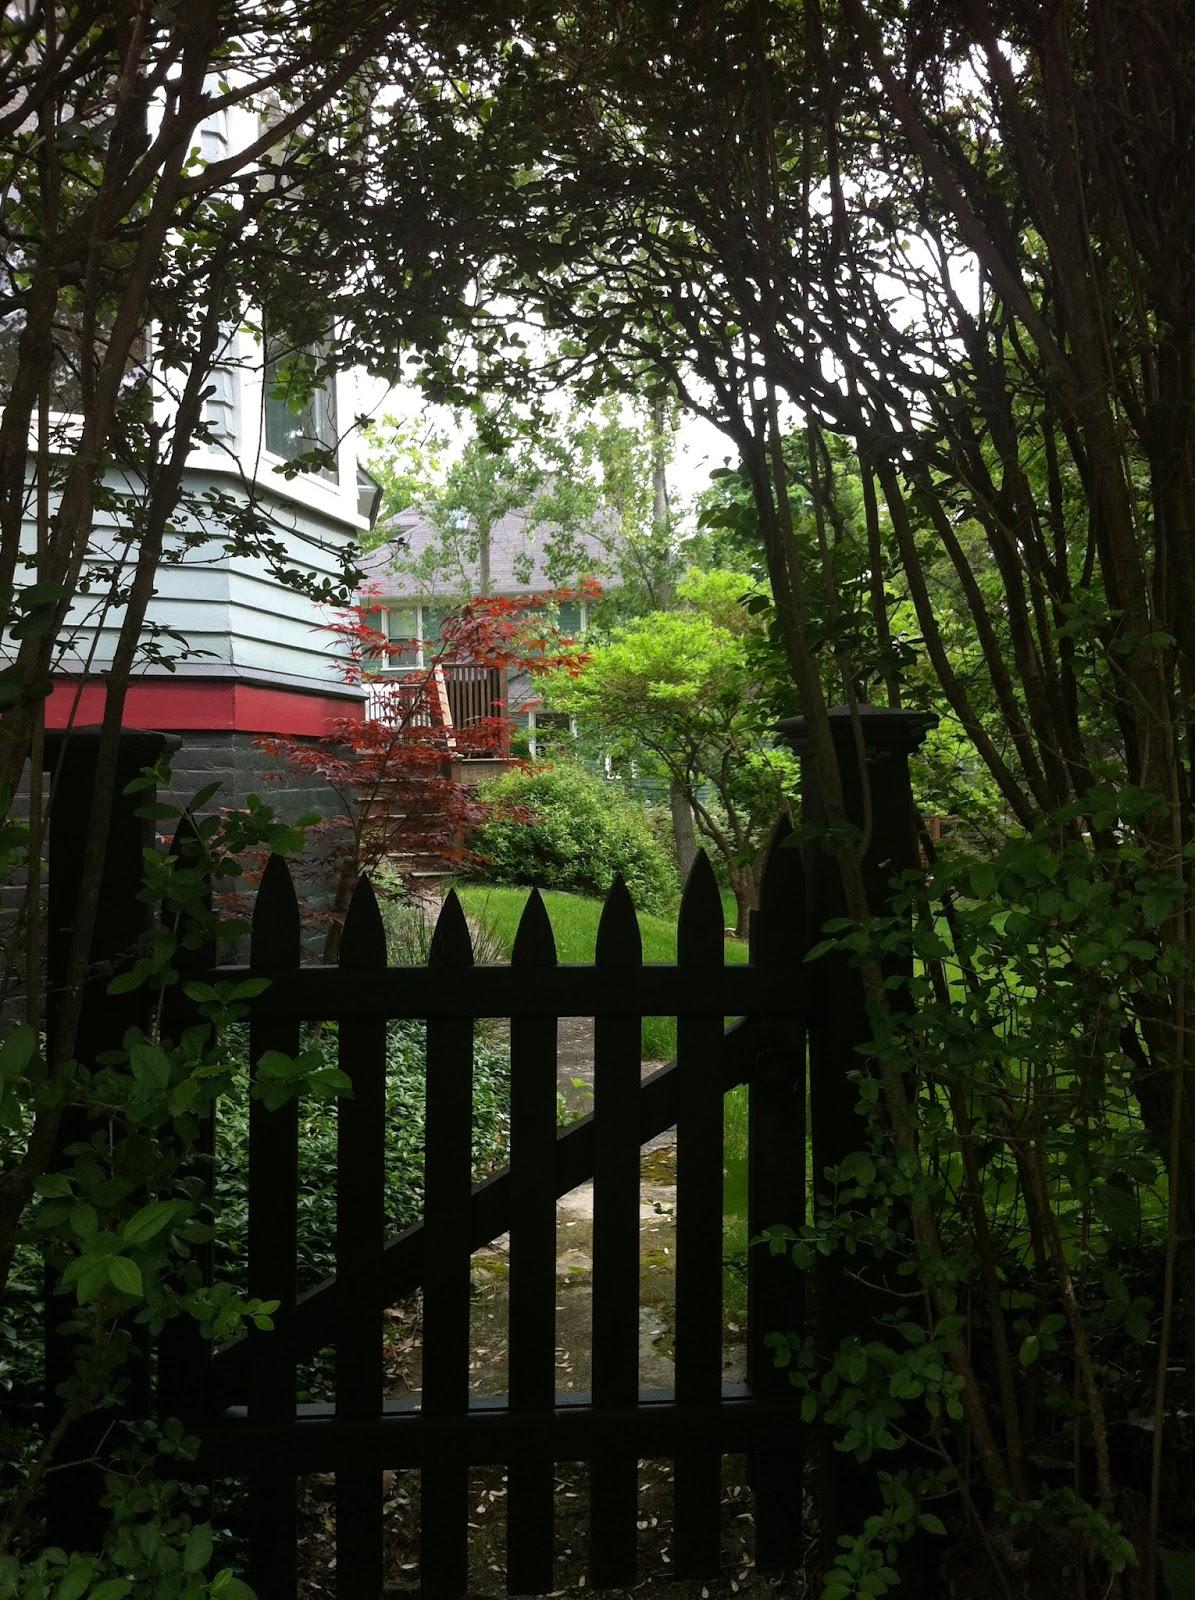 Garden gate under trees